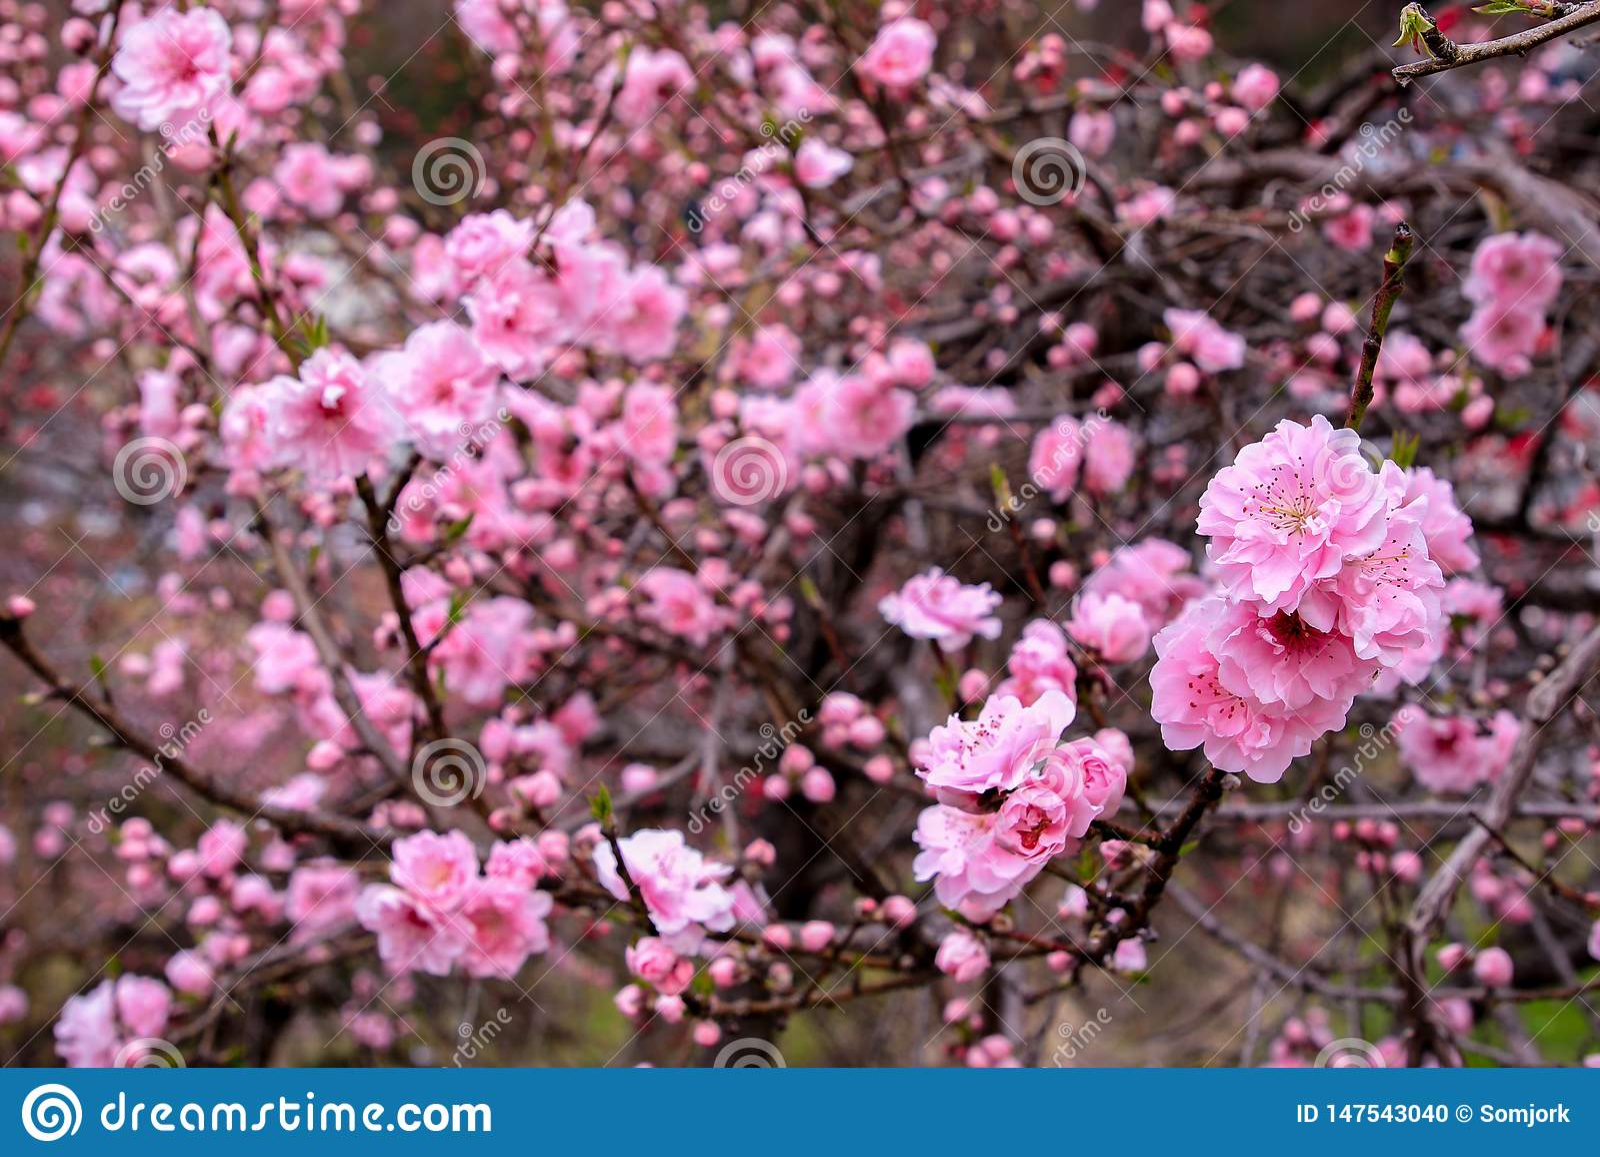 Beautiful Cherry Blossoms Sakura Flowers In Japan Stock Photo